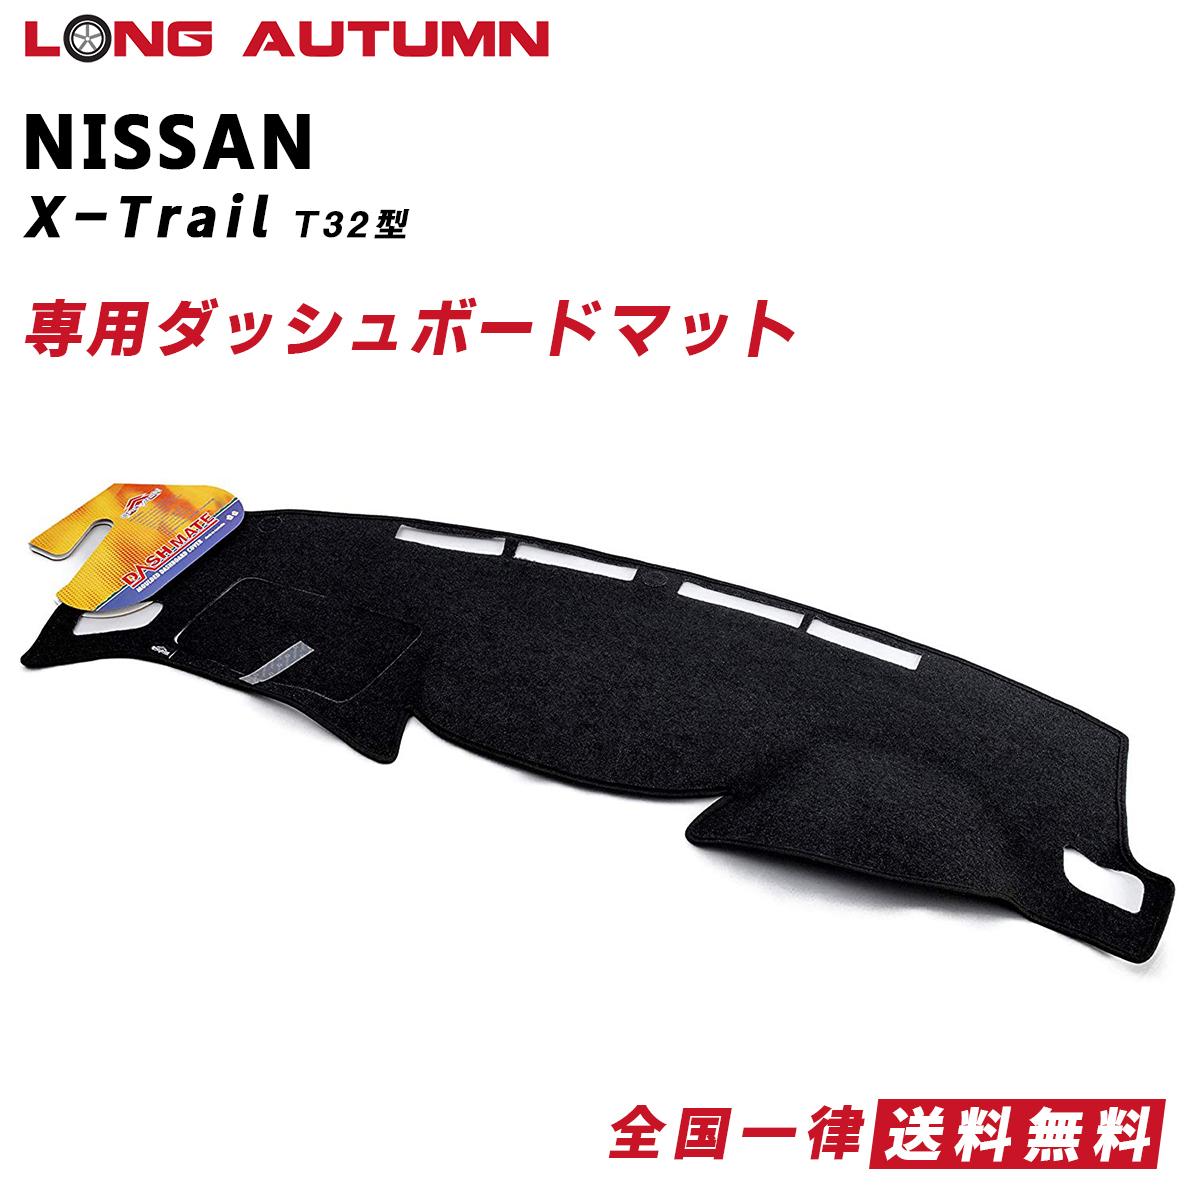 NISSAN X-Trail ニッサン エクストレイル T32 ダッシュマット ダッシュボードマット カバー 車 パーツ カー用品 春 夏 暑さ対策 冷却 快適 アウドドア ドライブ 車用品 内装パーツ